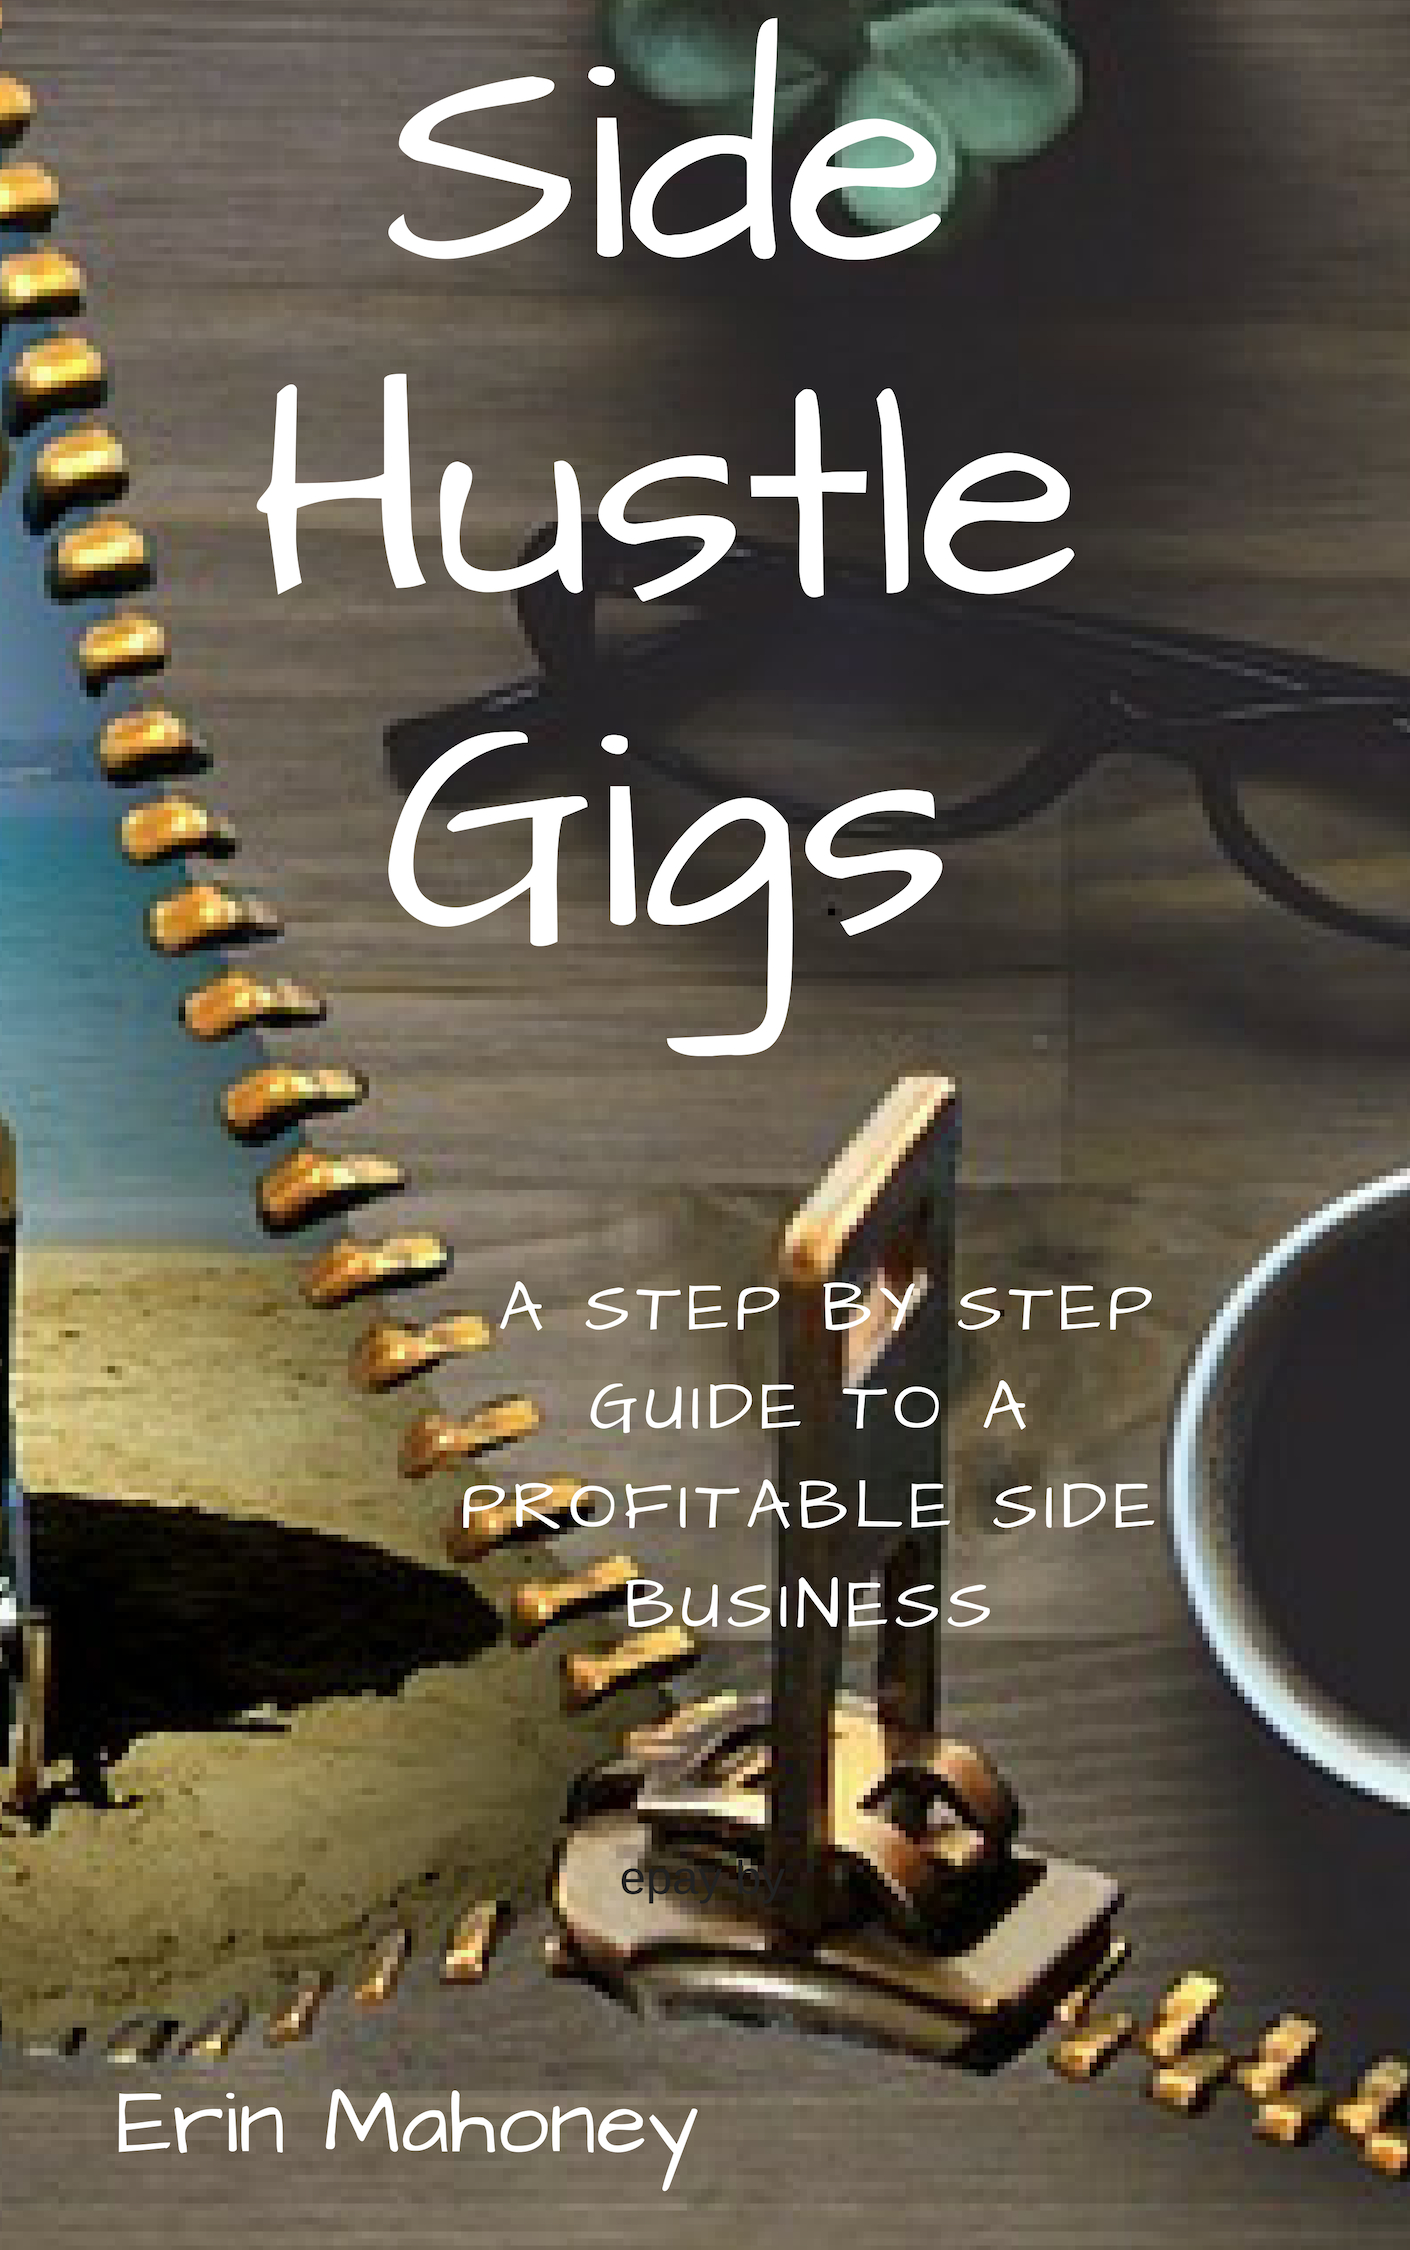 side hustle gigs